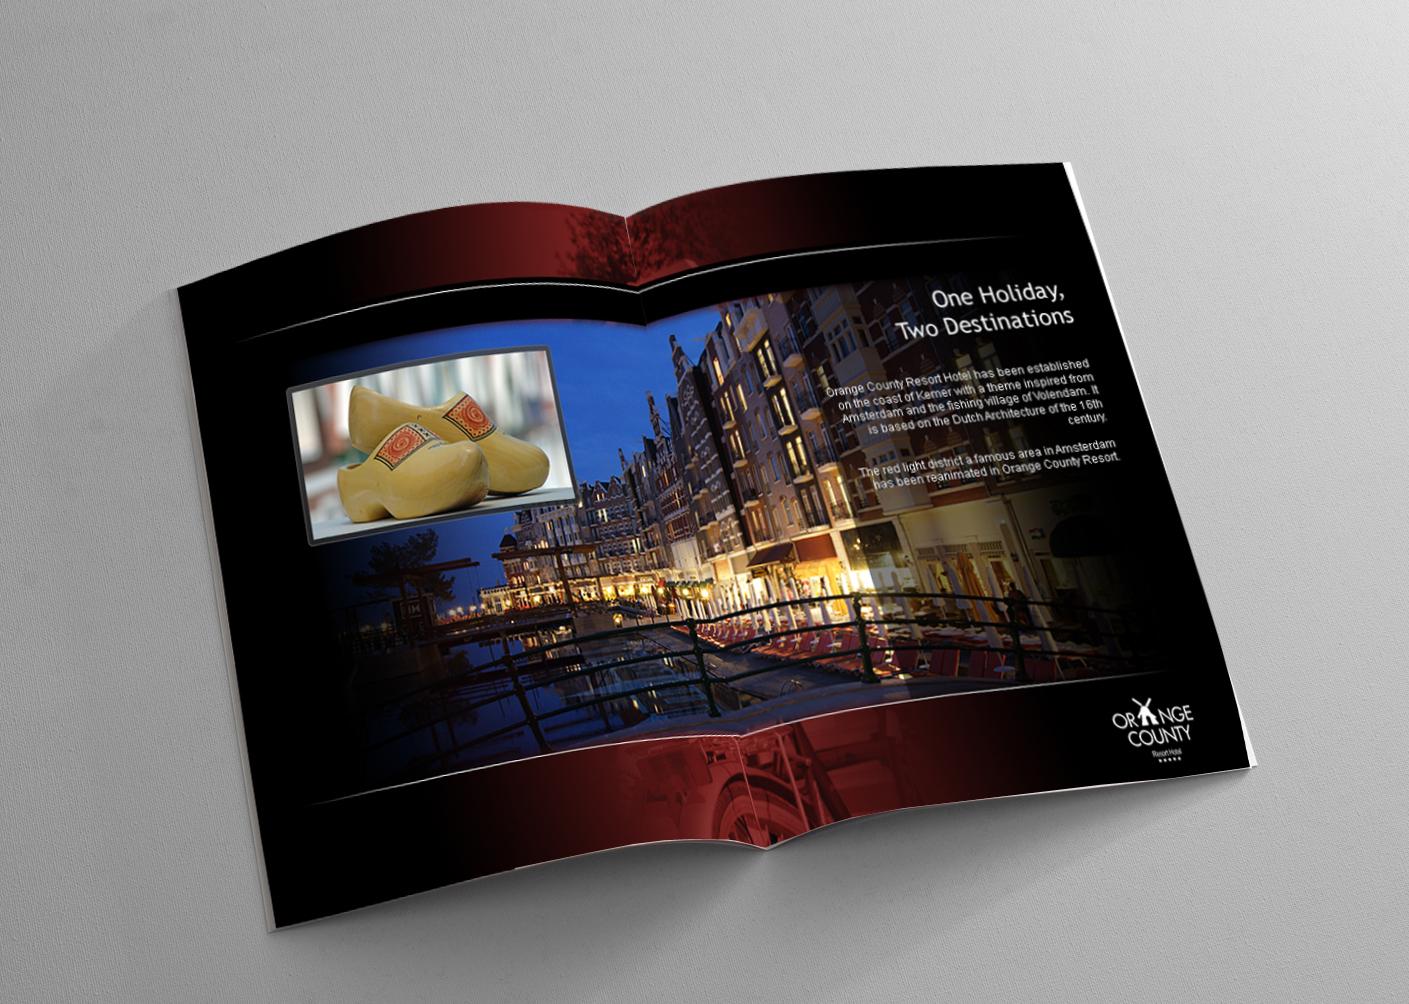 Orange County katalog tasarımı